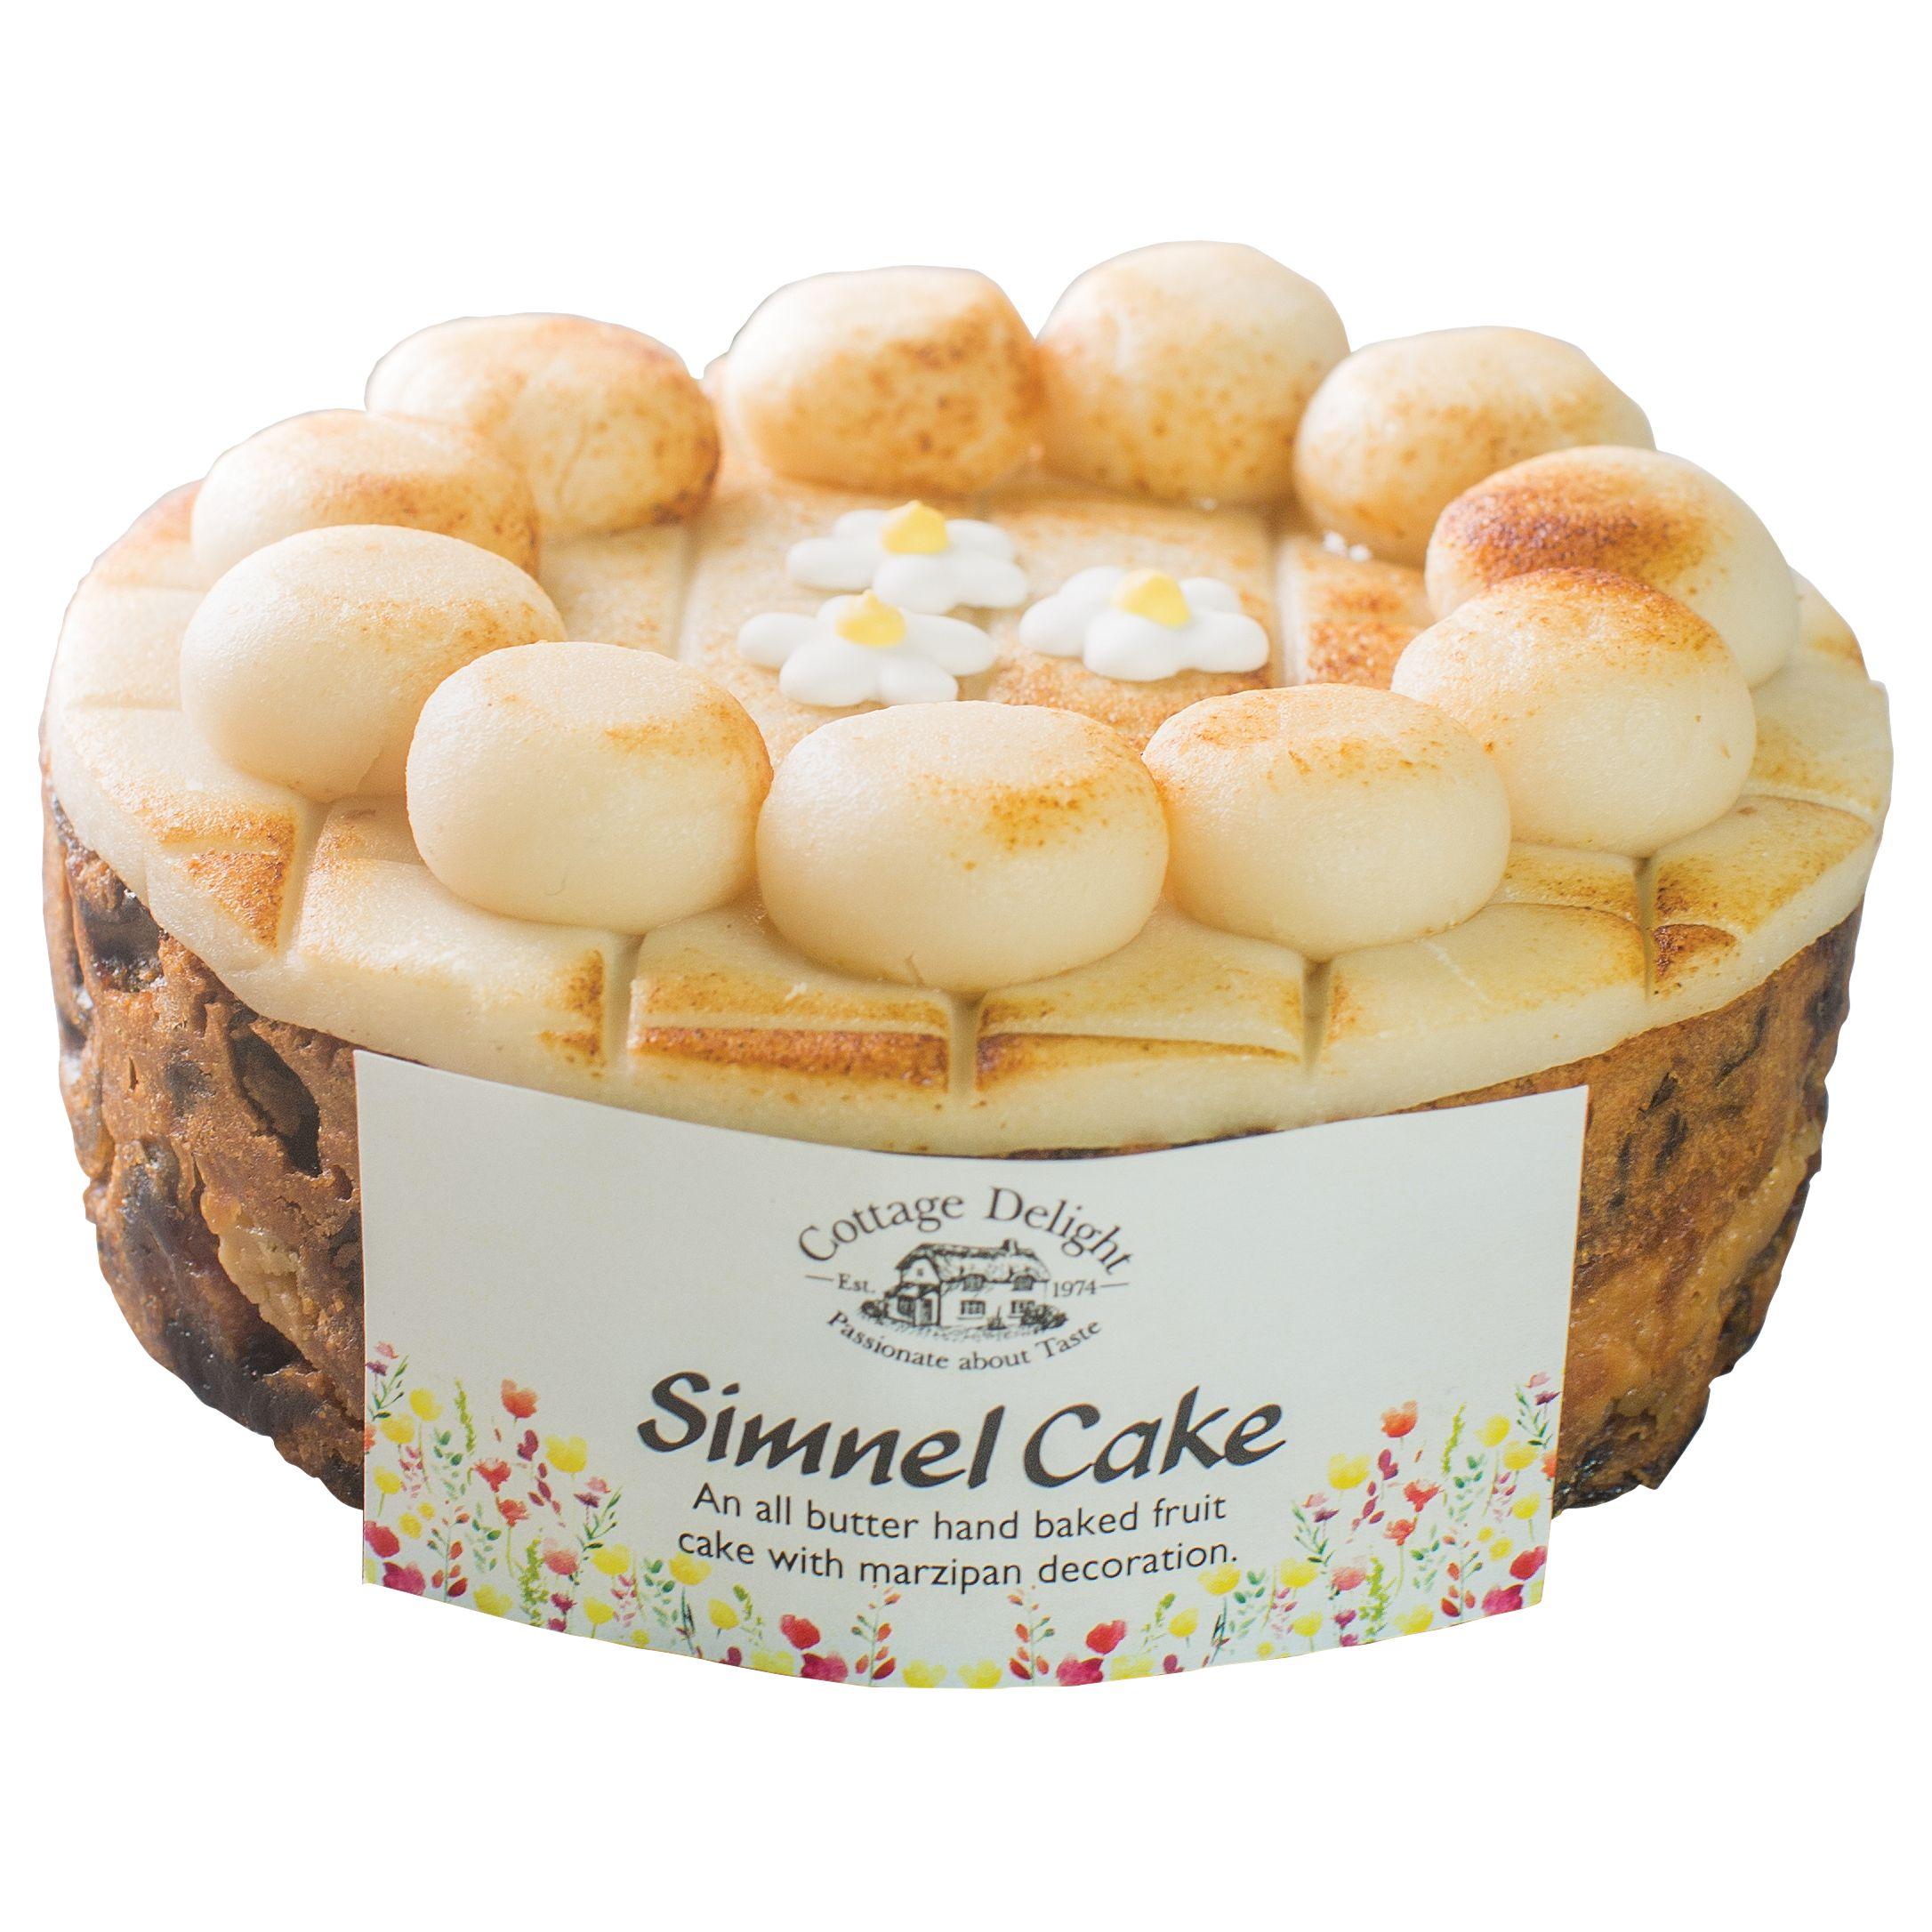 Cottage Delight Cottage Delight Simnel Cake, 550g